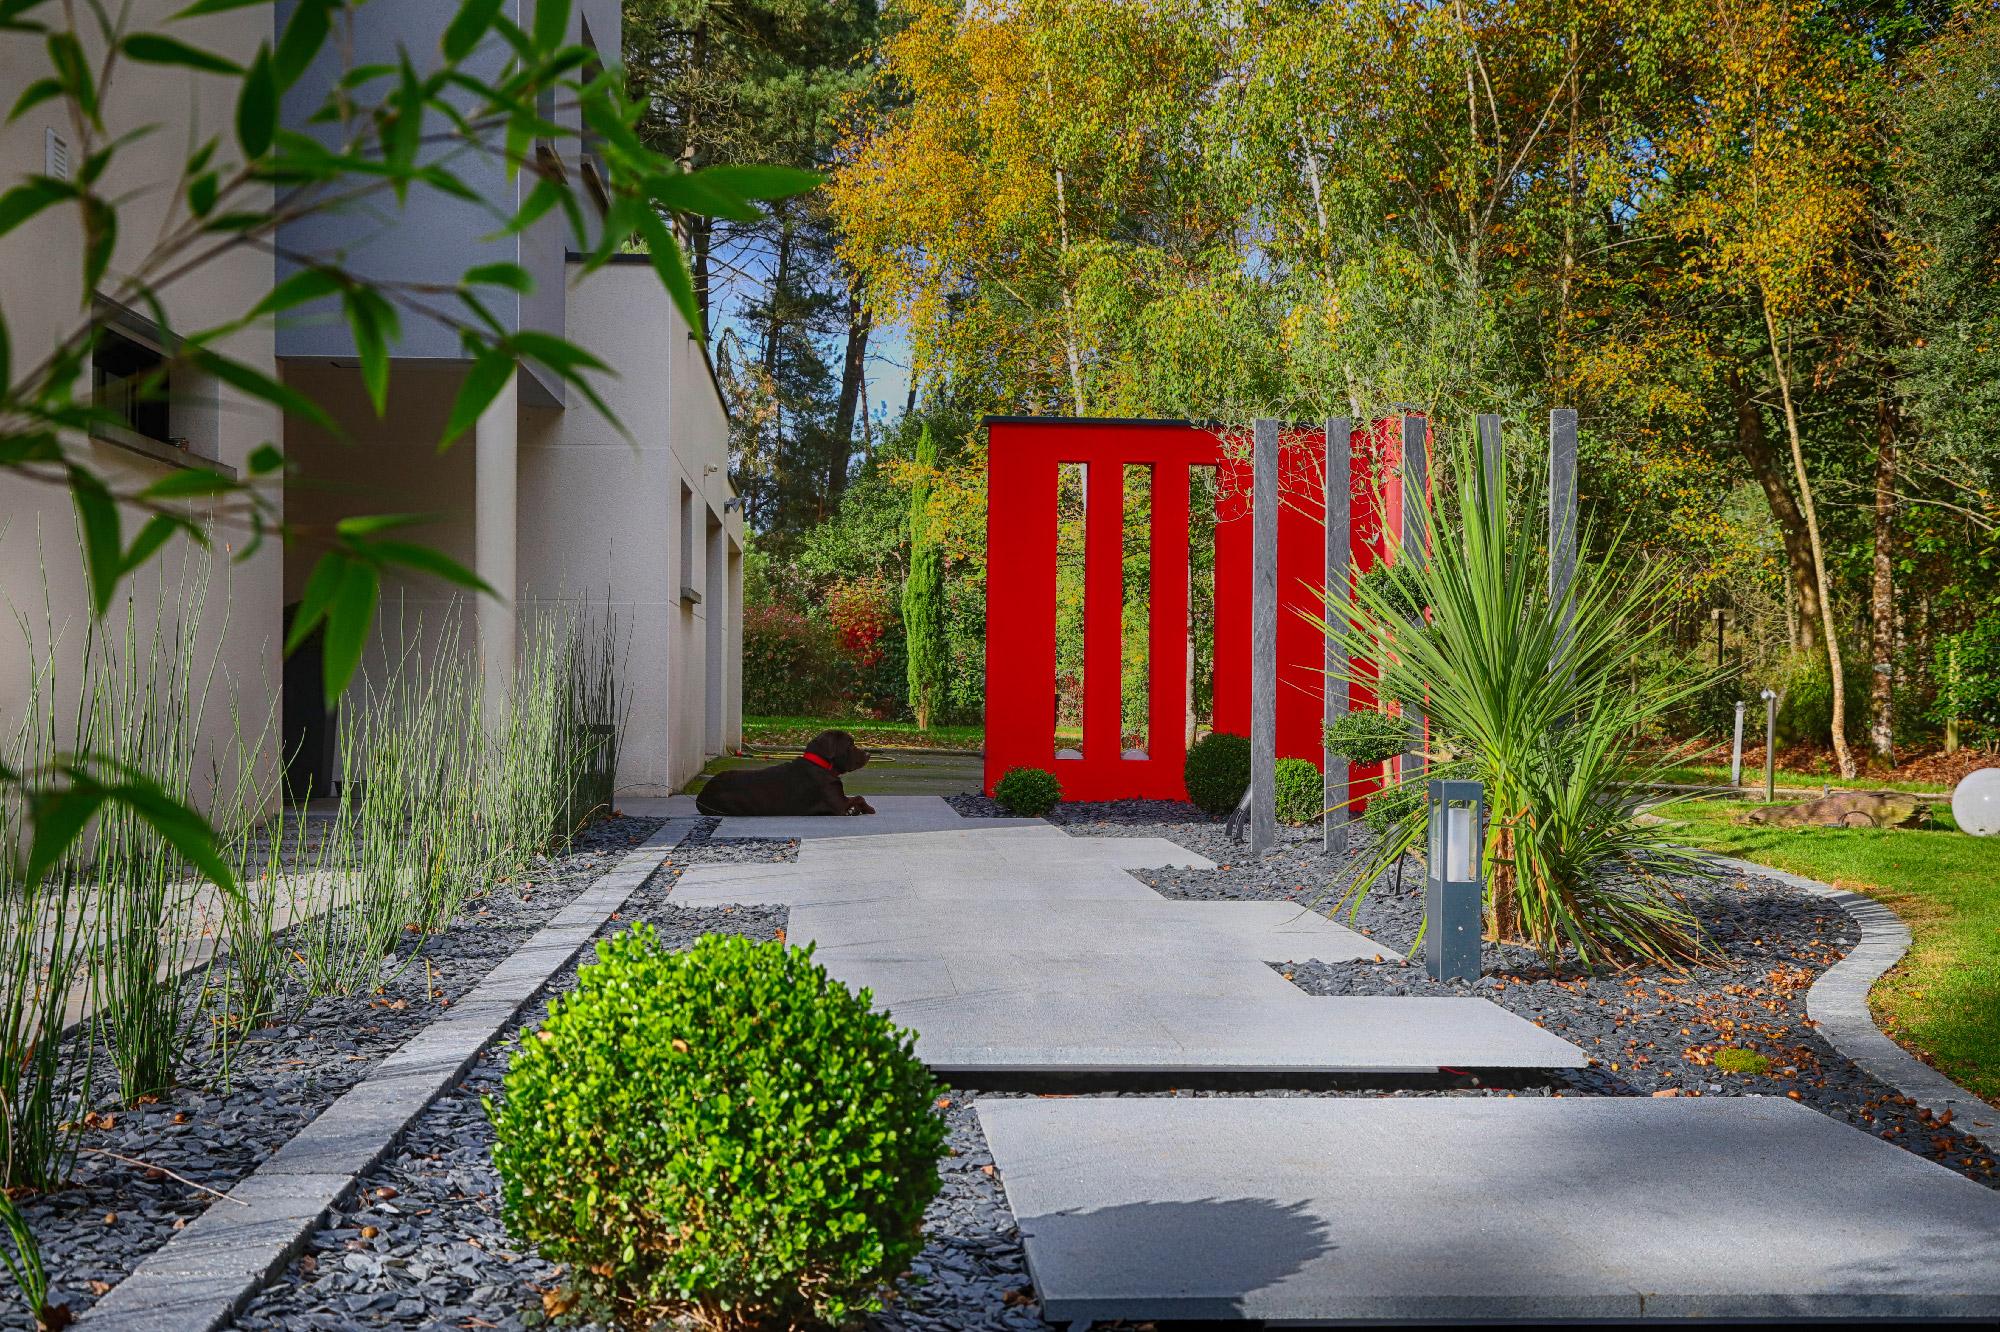 Votre Paysagiste Conçoit, Réalise Et Entretient Votre Jardin ... avec Exemple D Aménagement De Jardin